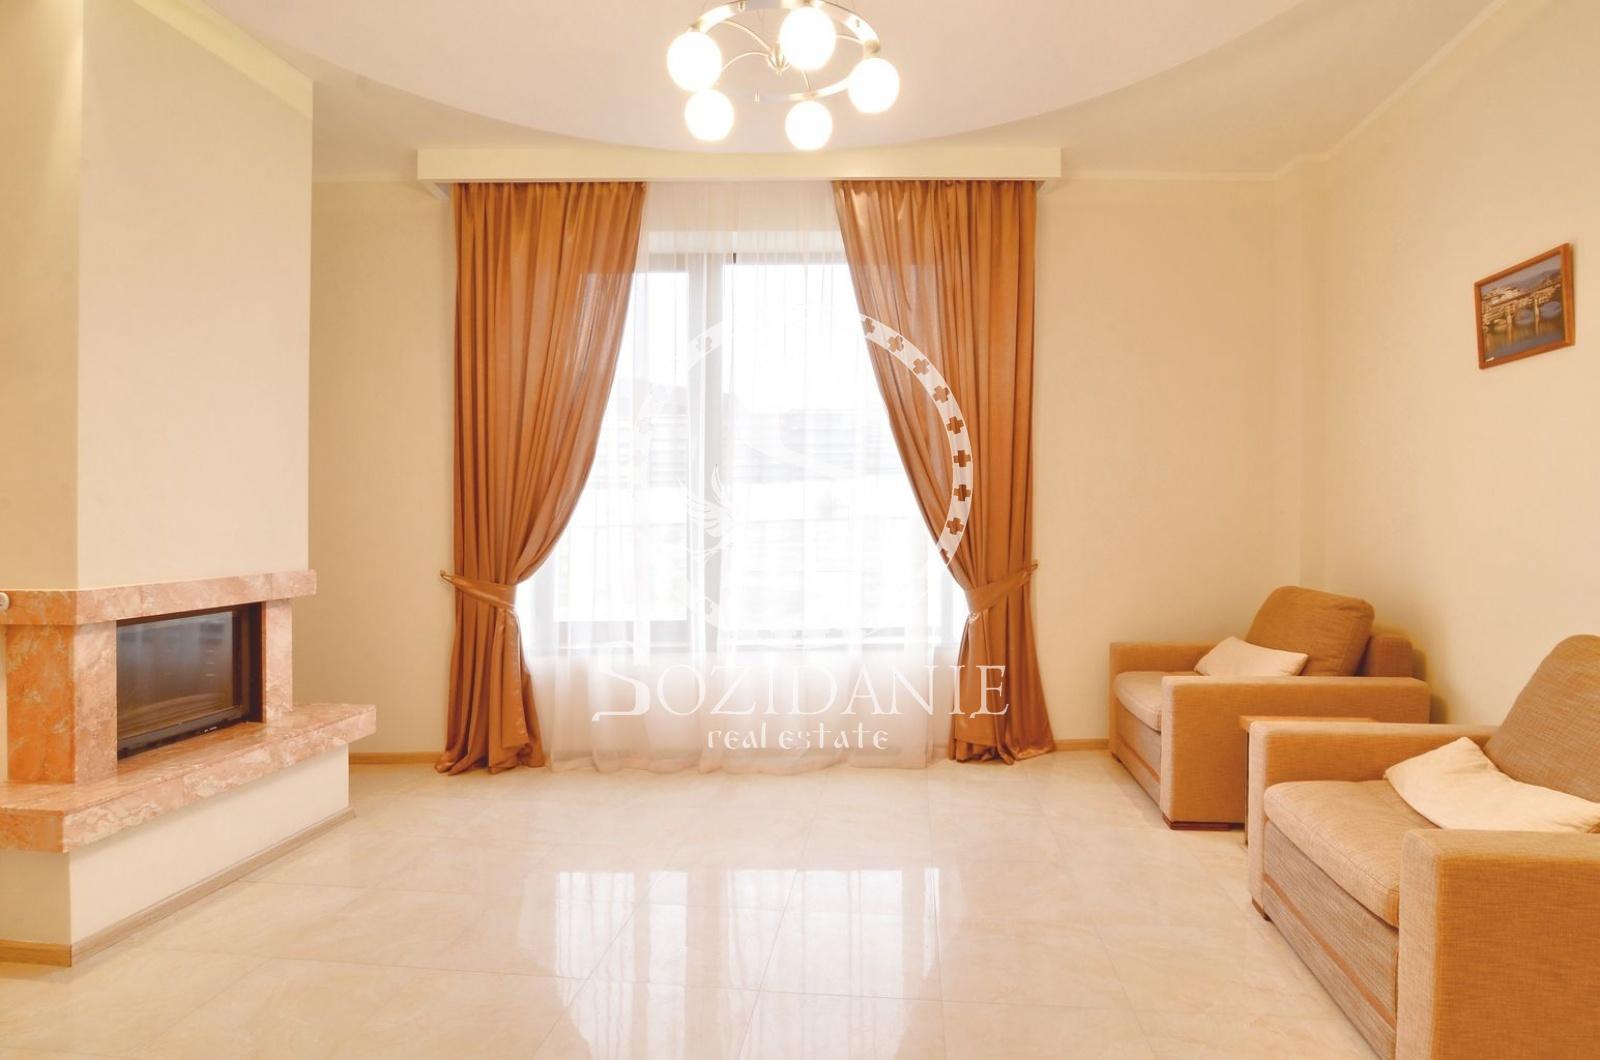 5 Bedrooms, Загородная, Аренда, Listing ID 1202, Московская область, Россия,